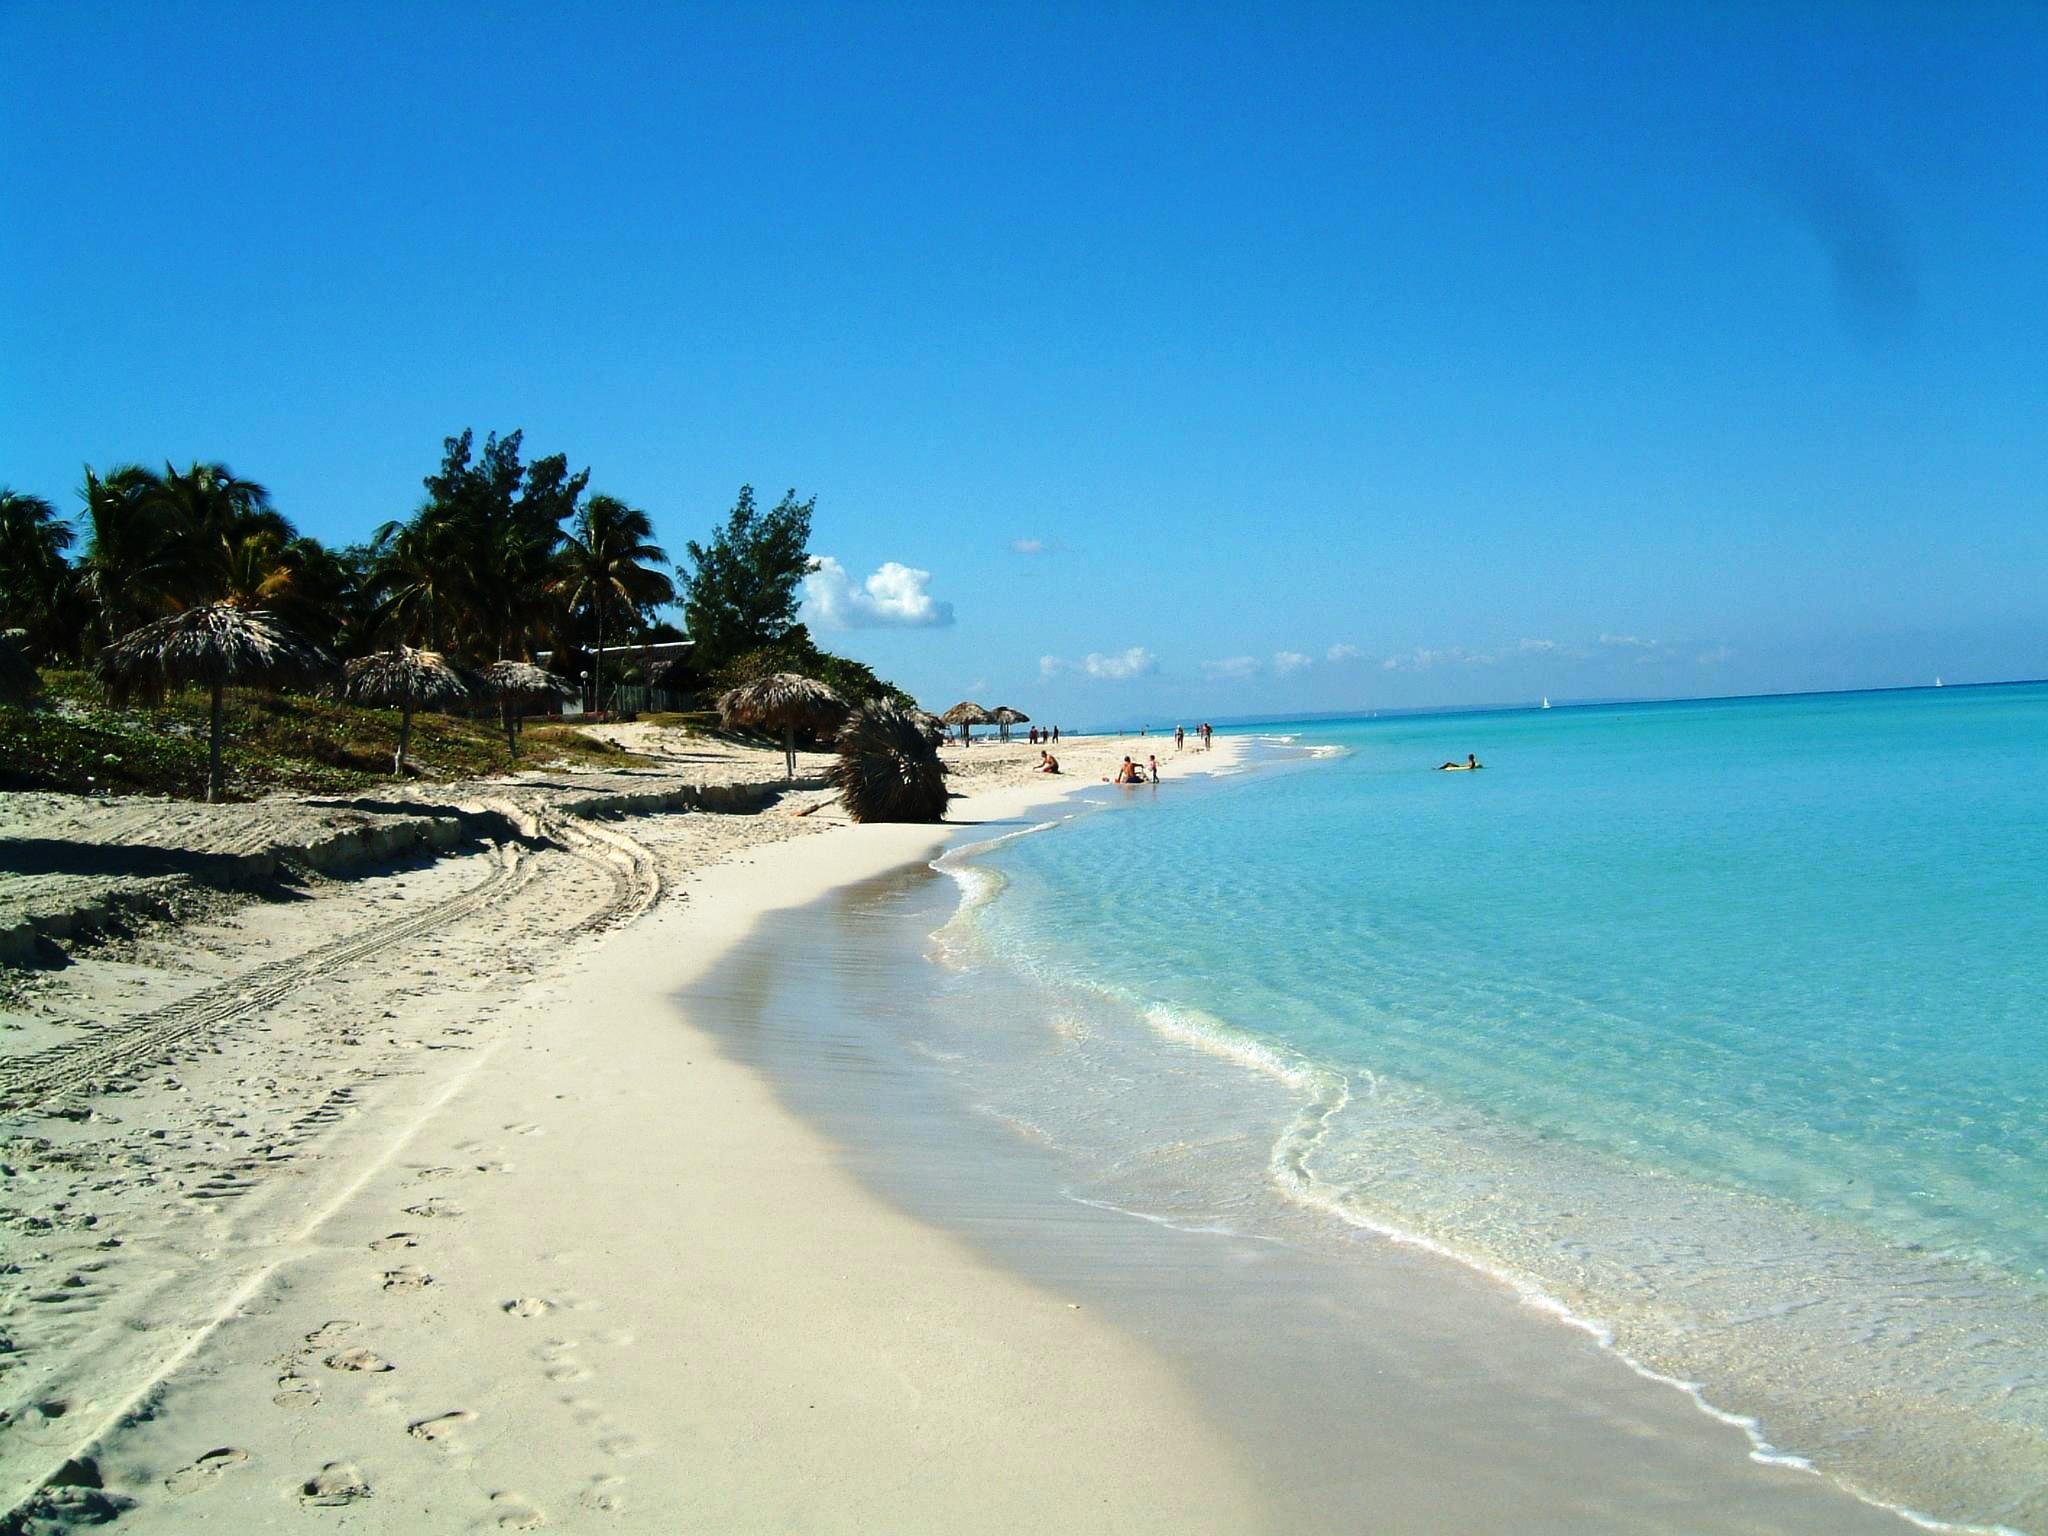 Фотографии кубинских пляжей 21 фотография